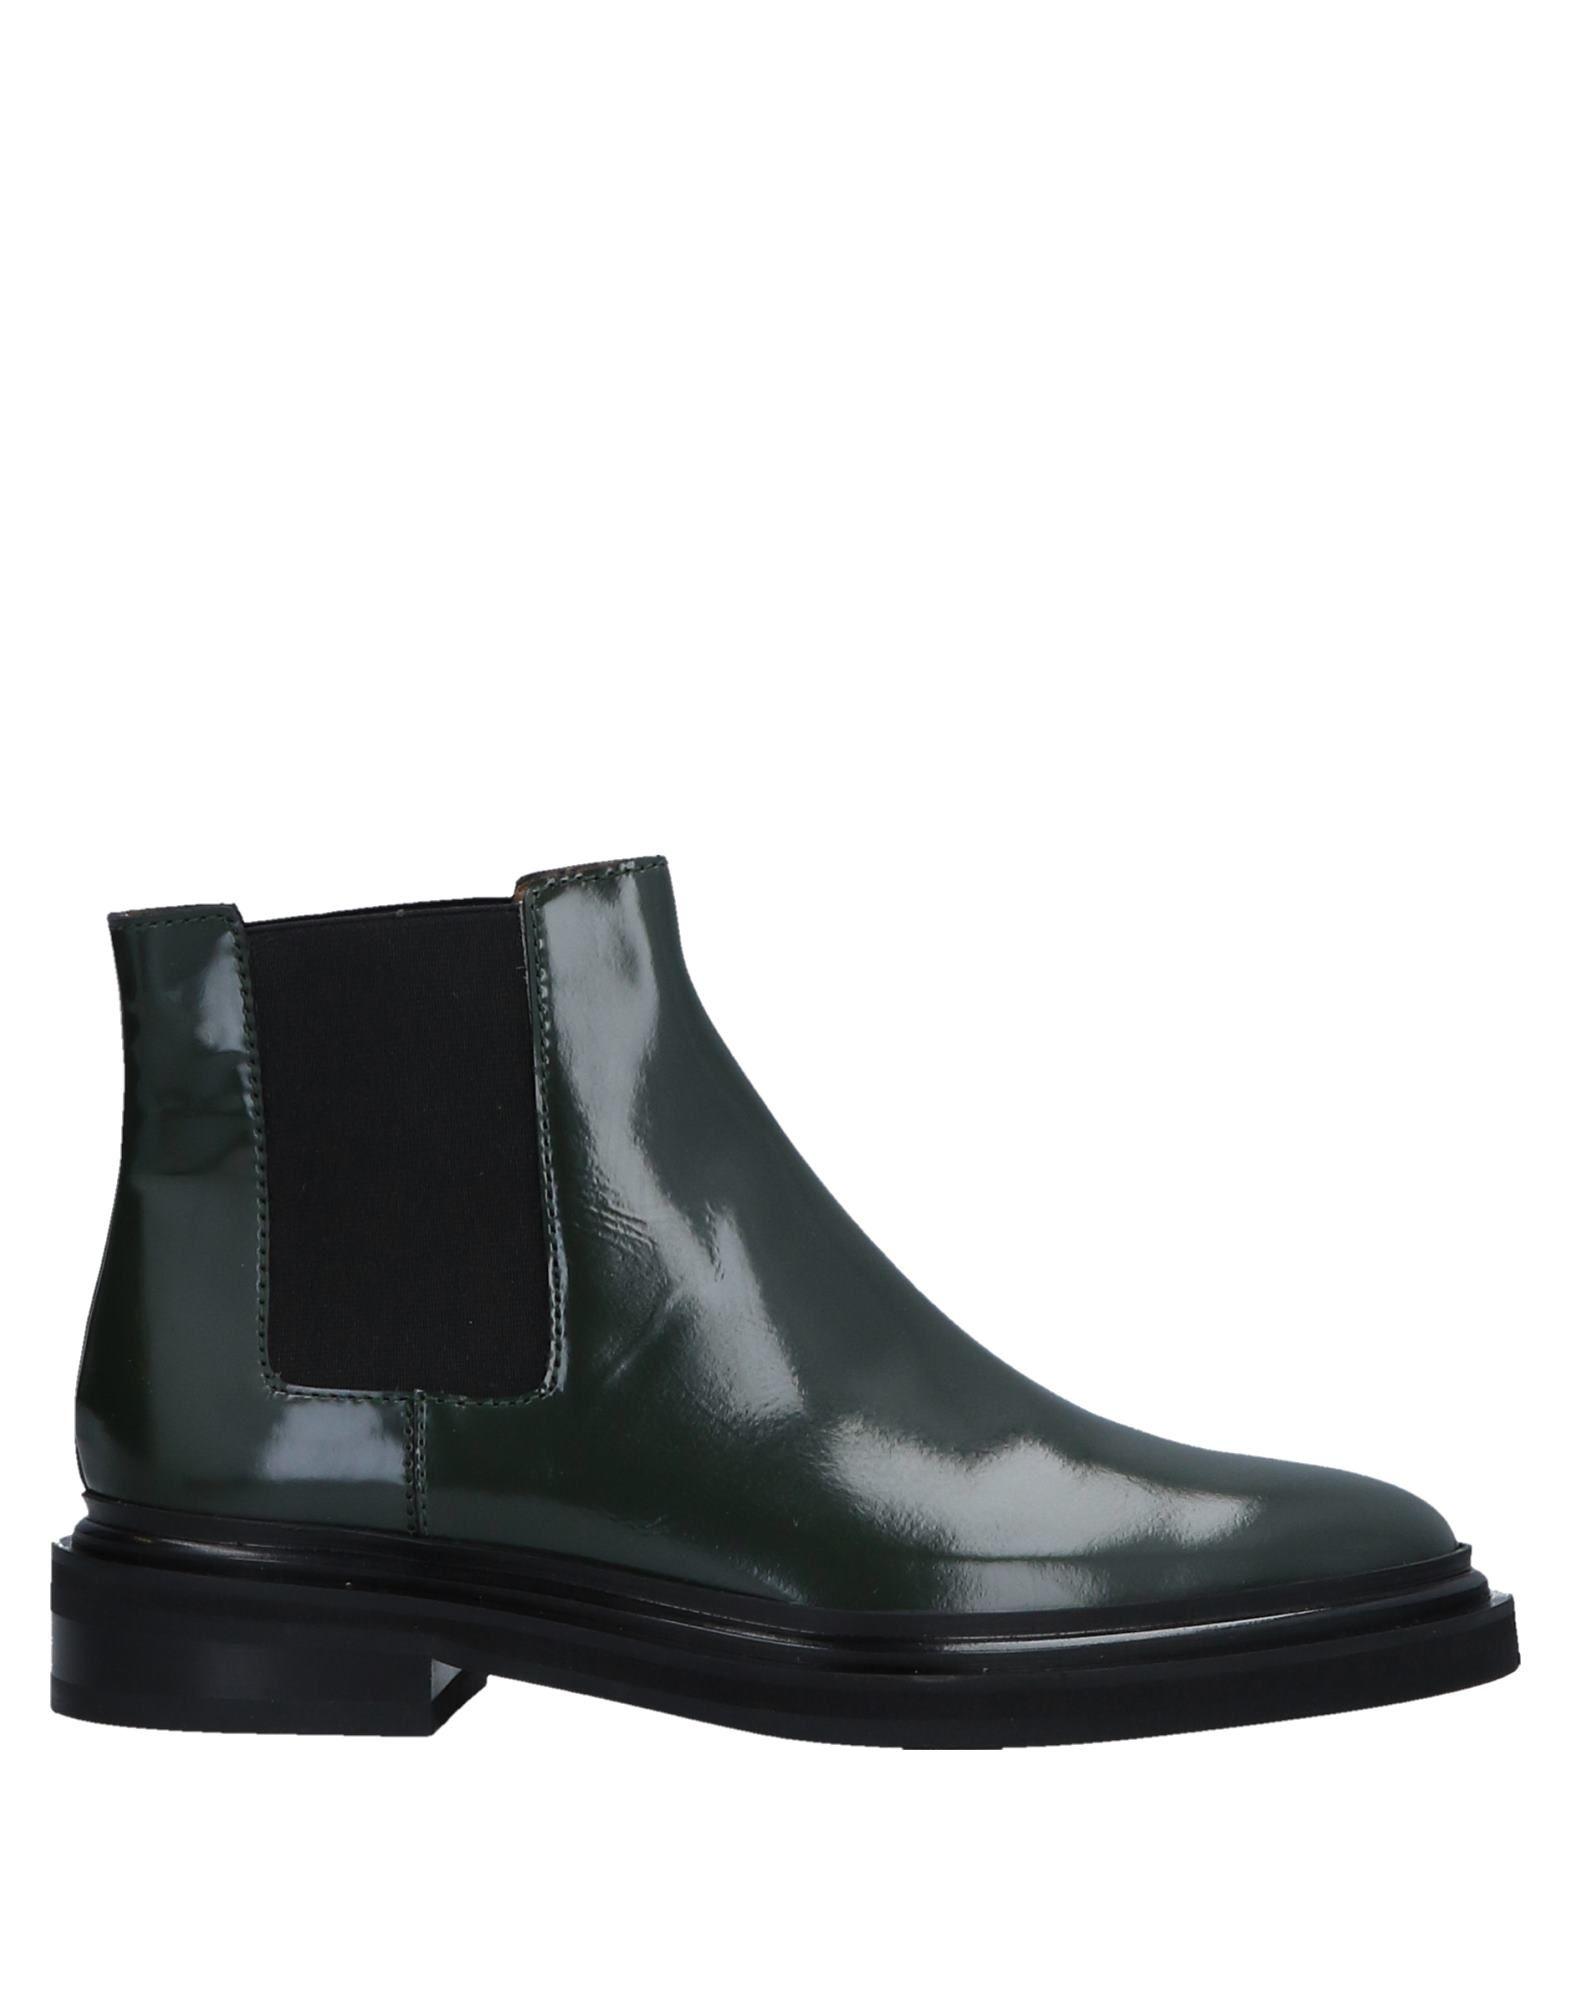 VERONIQUE BRANQUINHO Полусапоги и высокие ботинки veronique branquinho полусапоги и высокие ботинки page 3